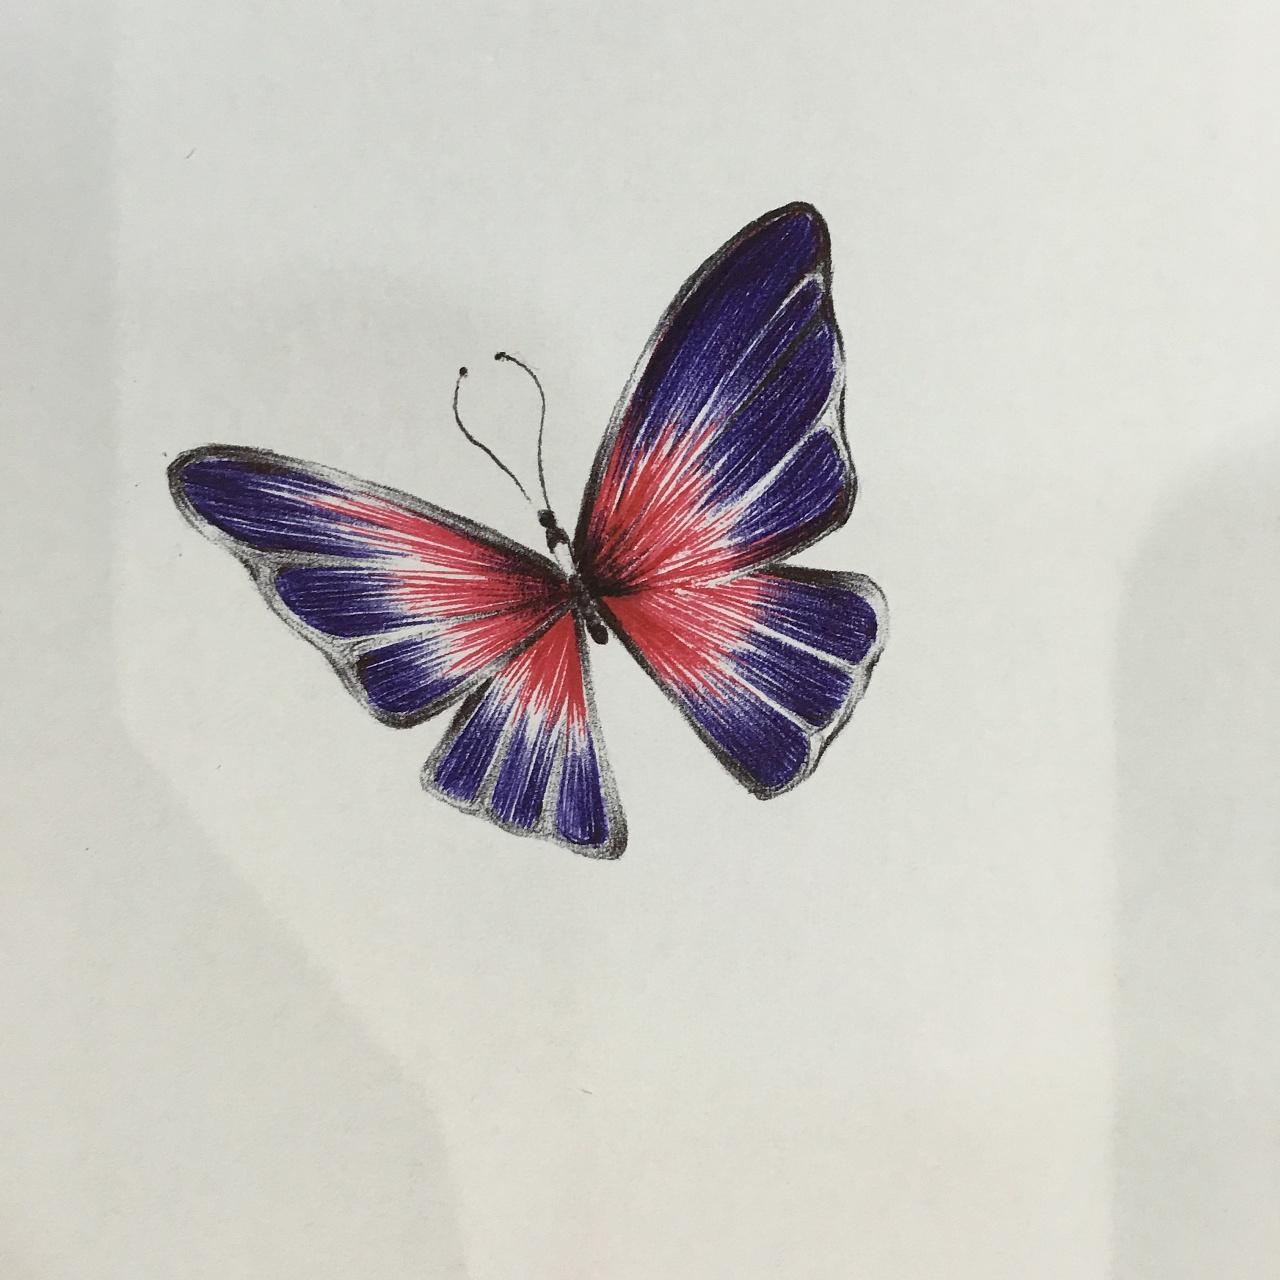 小蝴蝶图片 388788 1280x1280